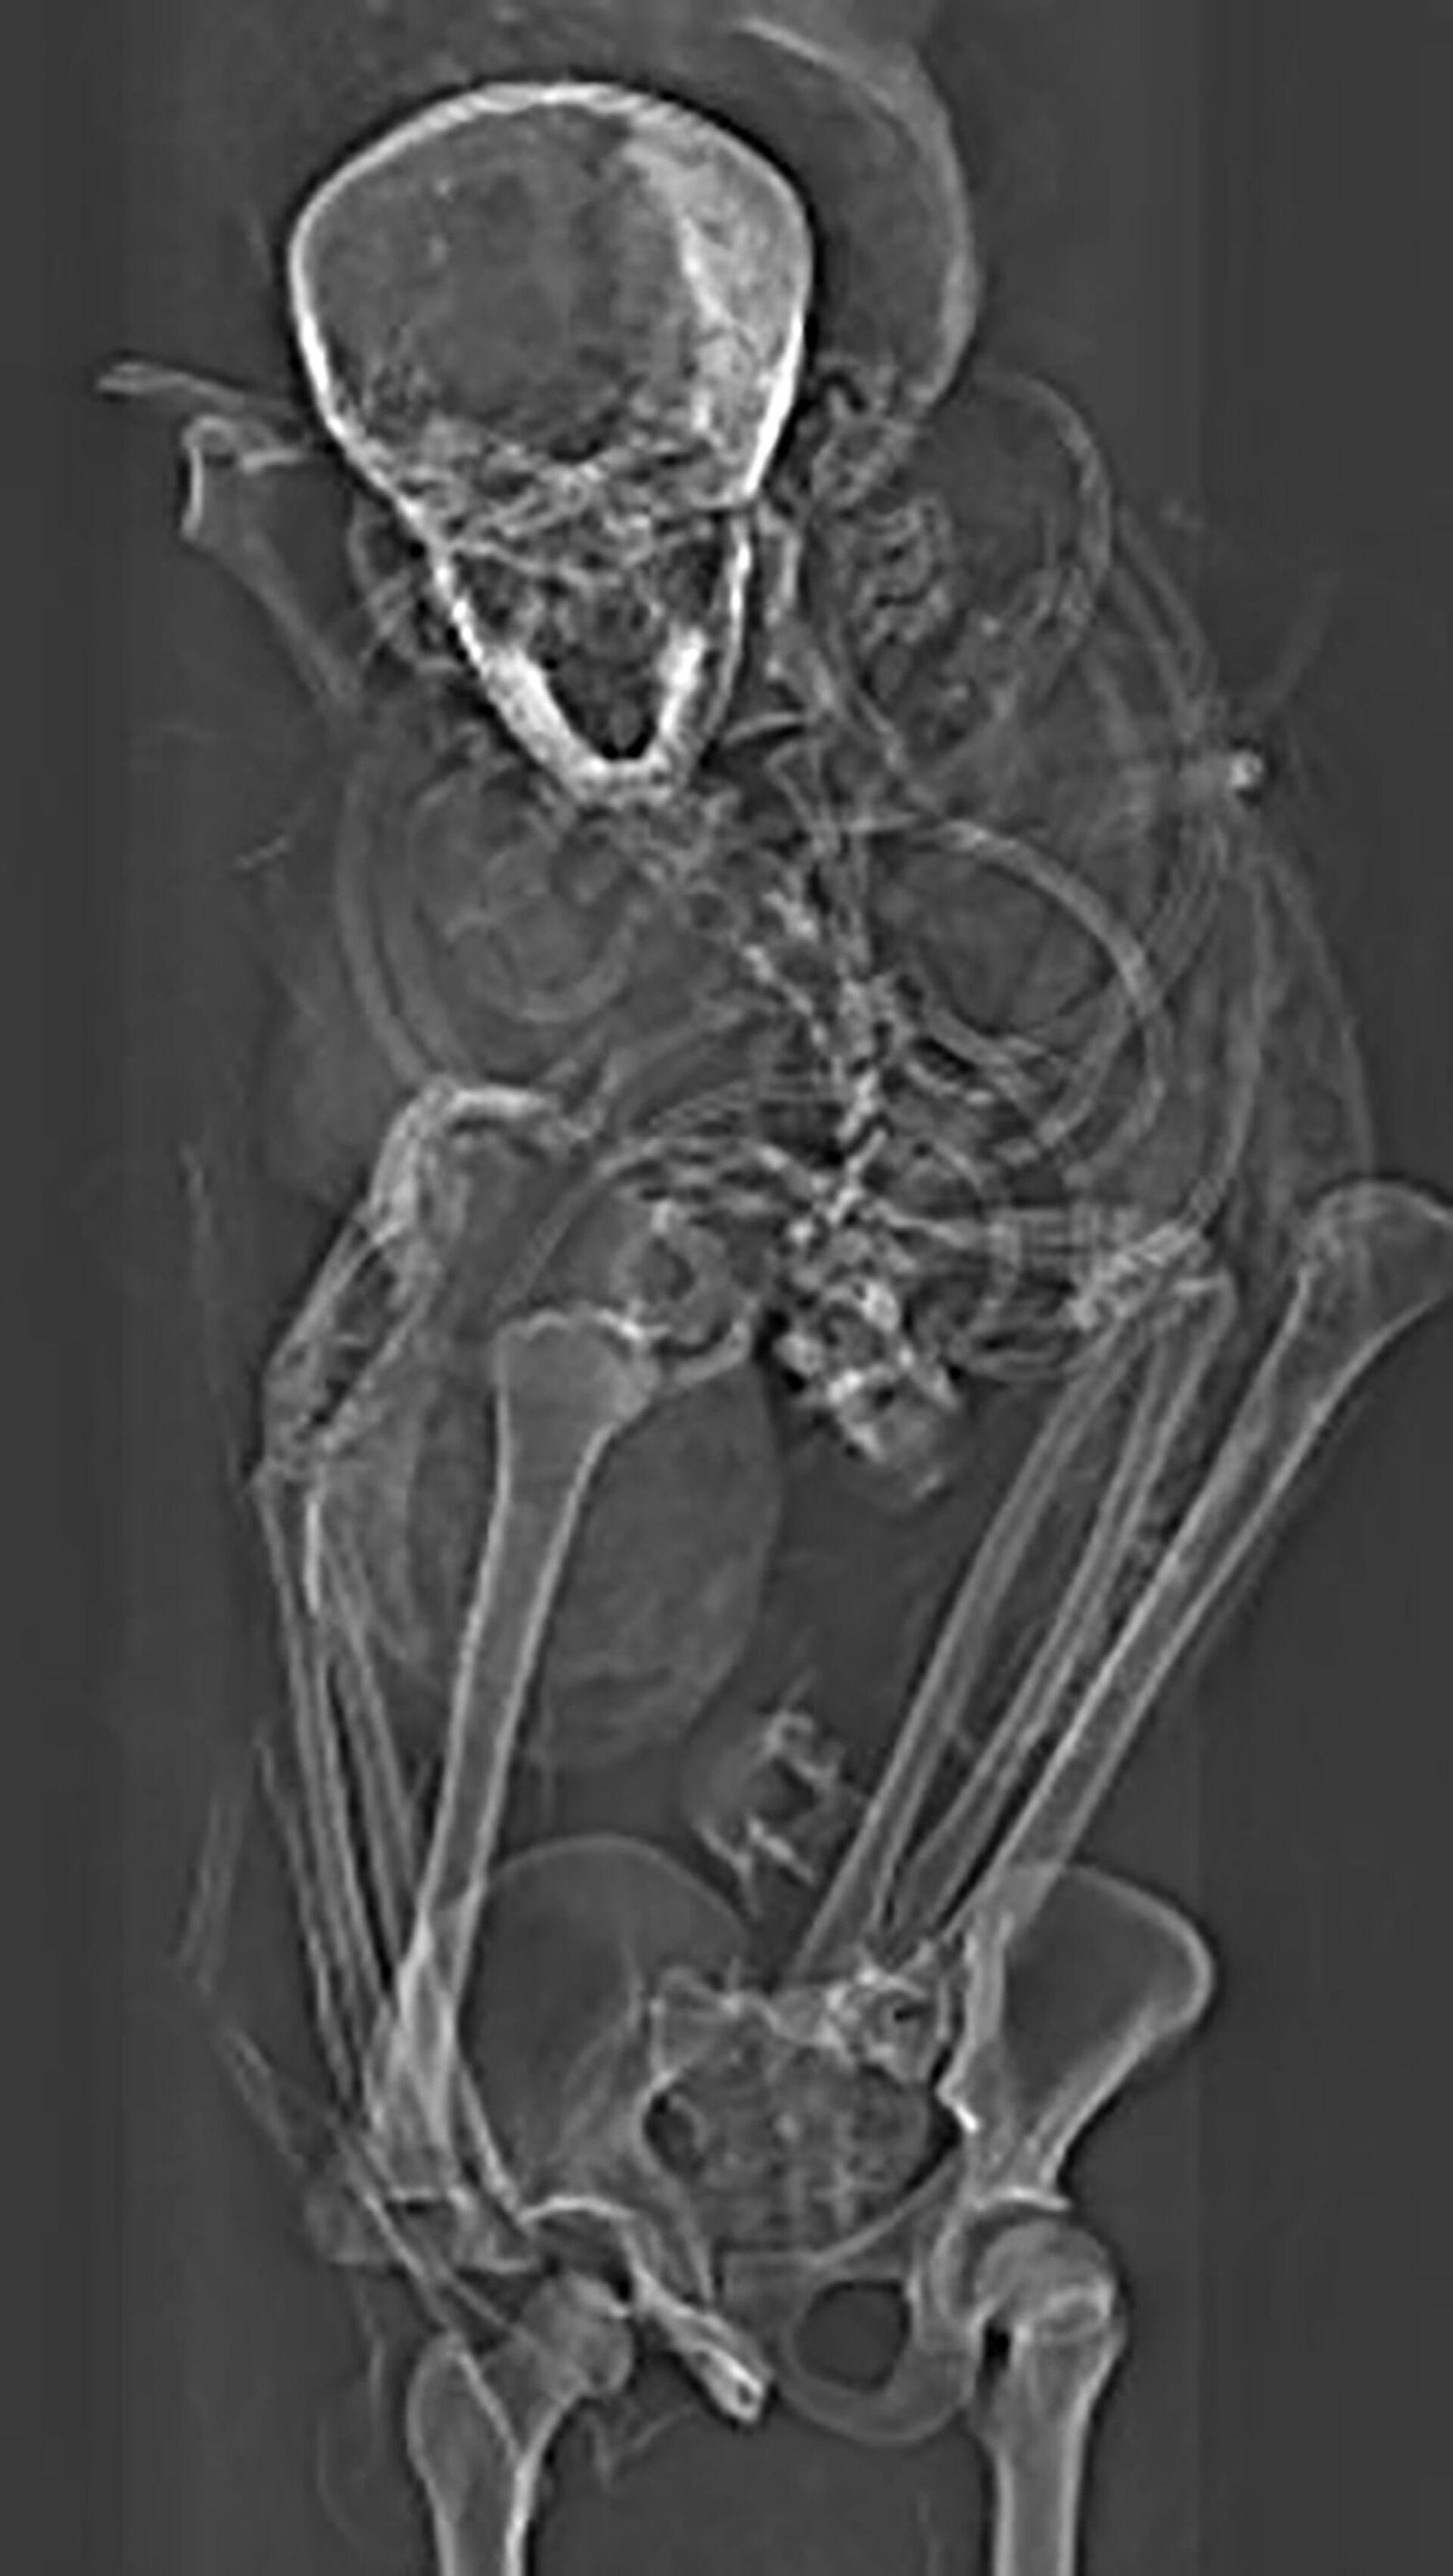 Scansione della mummia dimostra la morte violenta del valoroso faraone Seqenenra Ta'o - Foto - Sputnik Italia, 1920, 18.02.2021